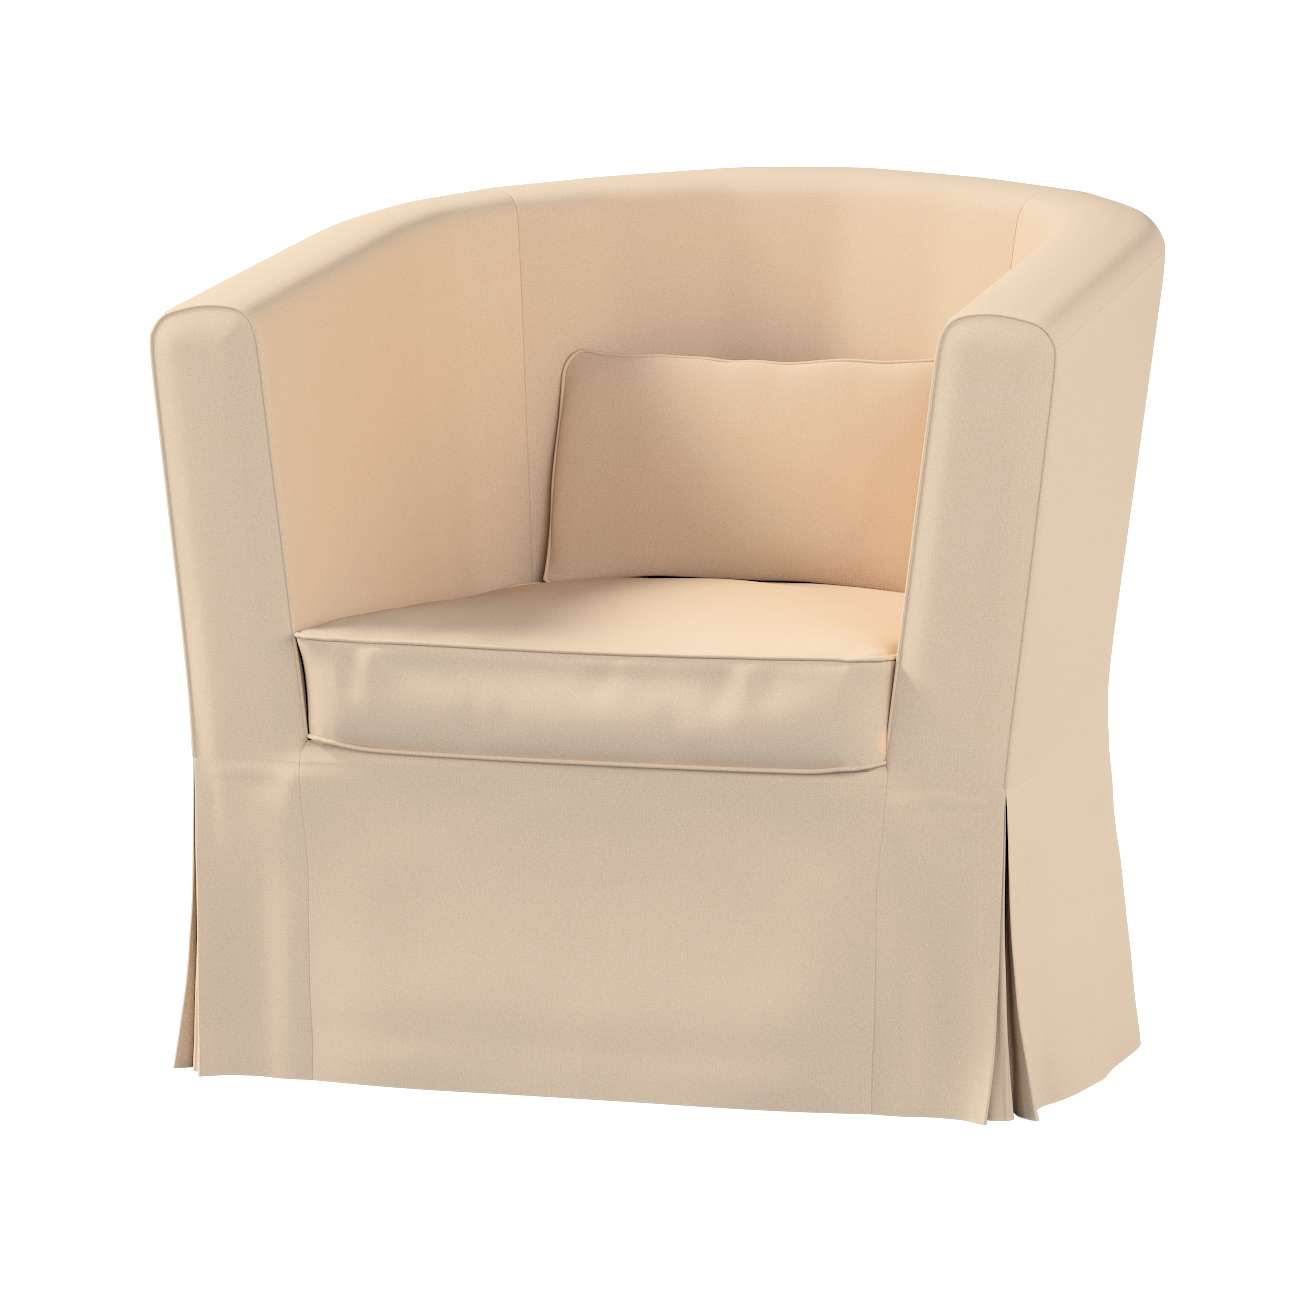 Pokrowiec na fotel Ektorp Tullsta w kolekcji Living, tkanina: 160-61